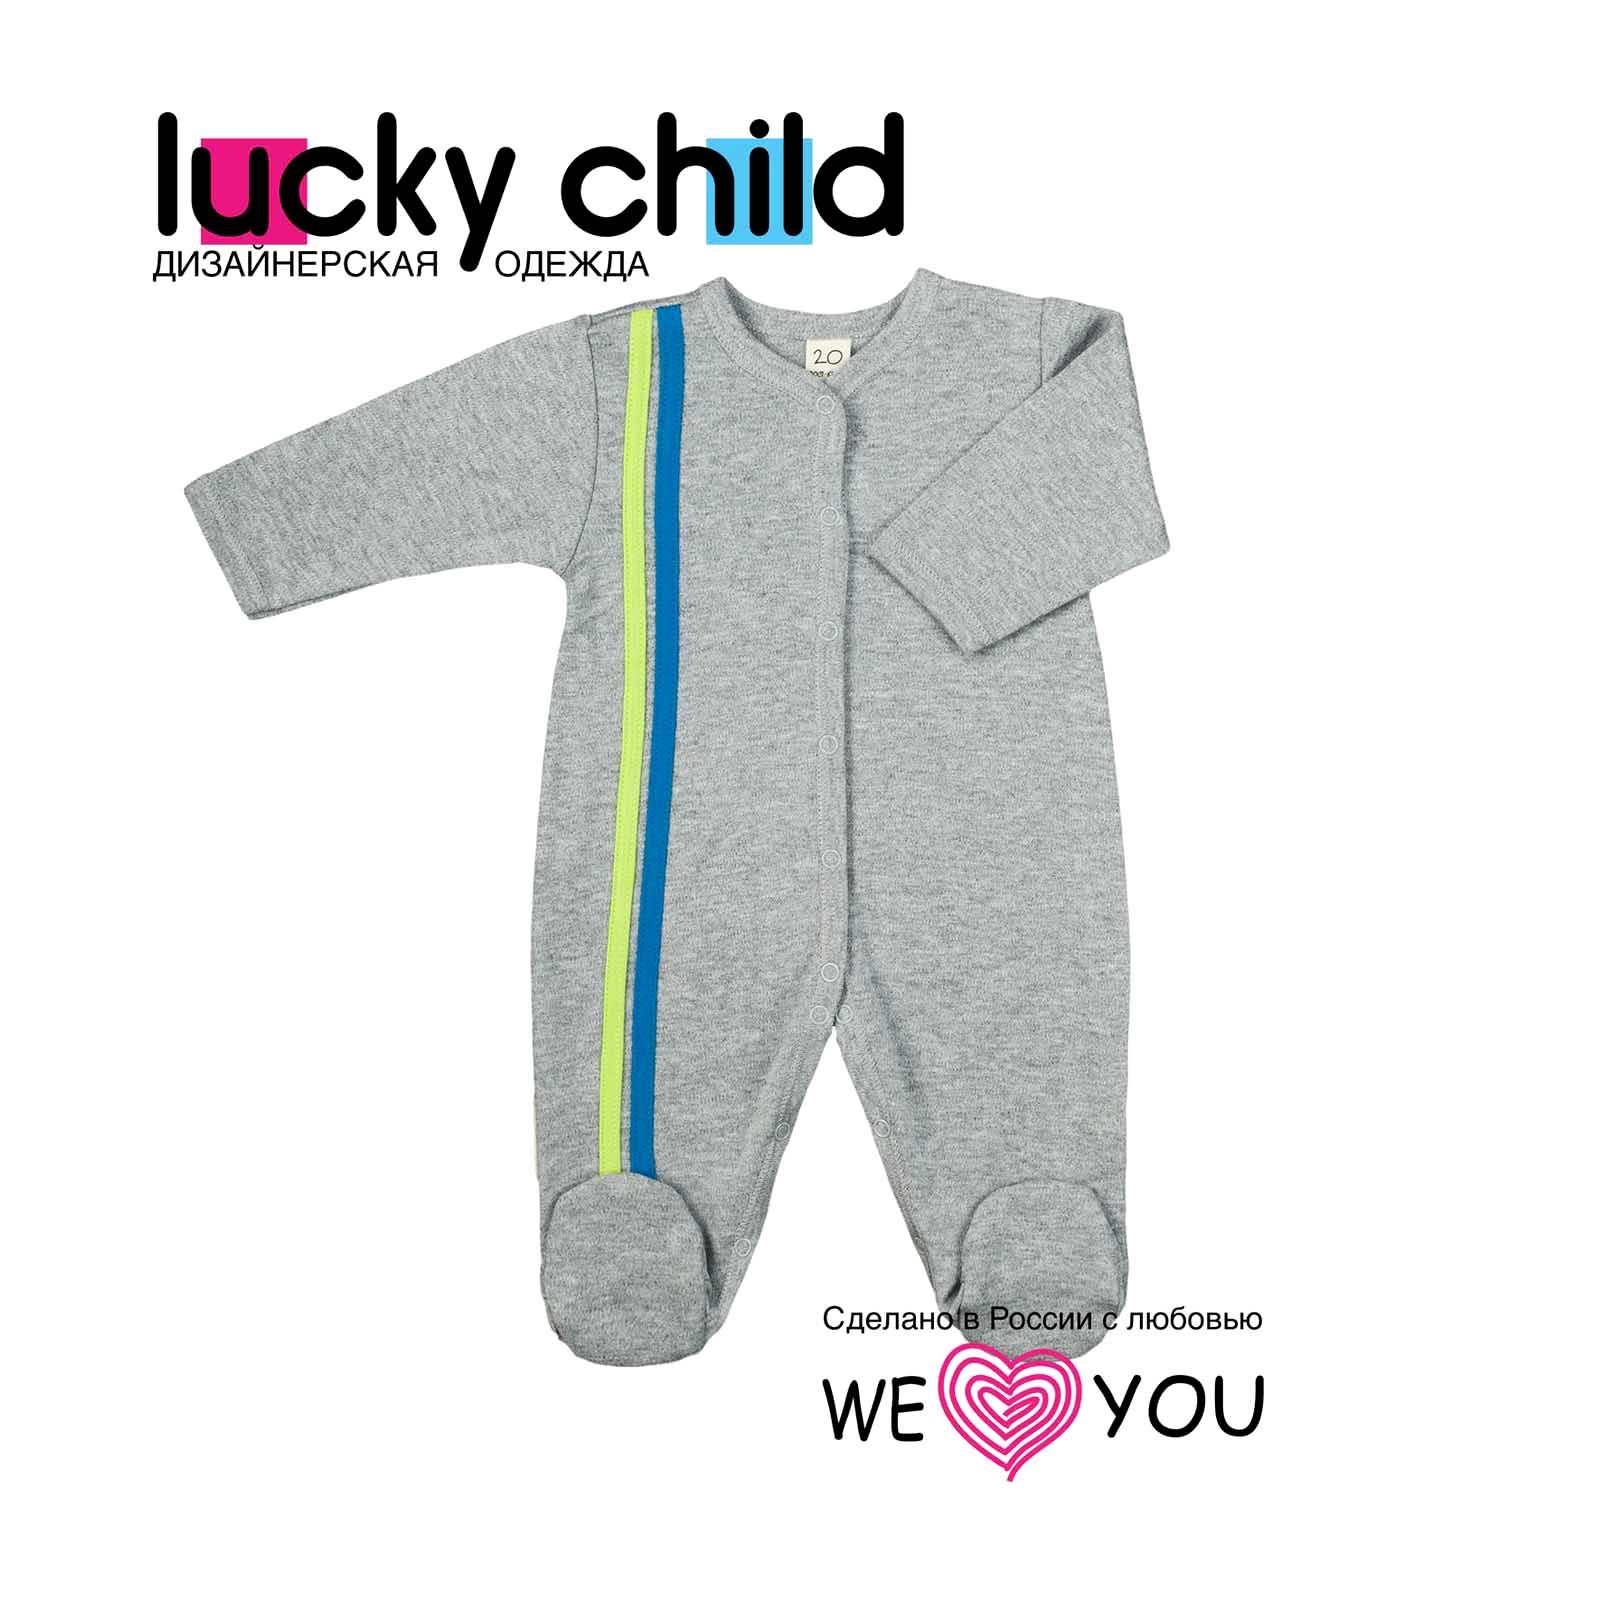 Комбинезон Lucky Child коллекция Спортивная линия, для мальчика размер 26 (80-86) (А1-1М)<br>